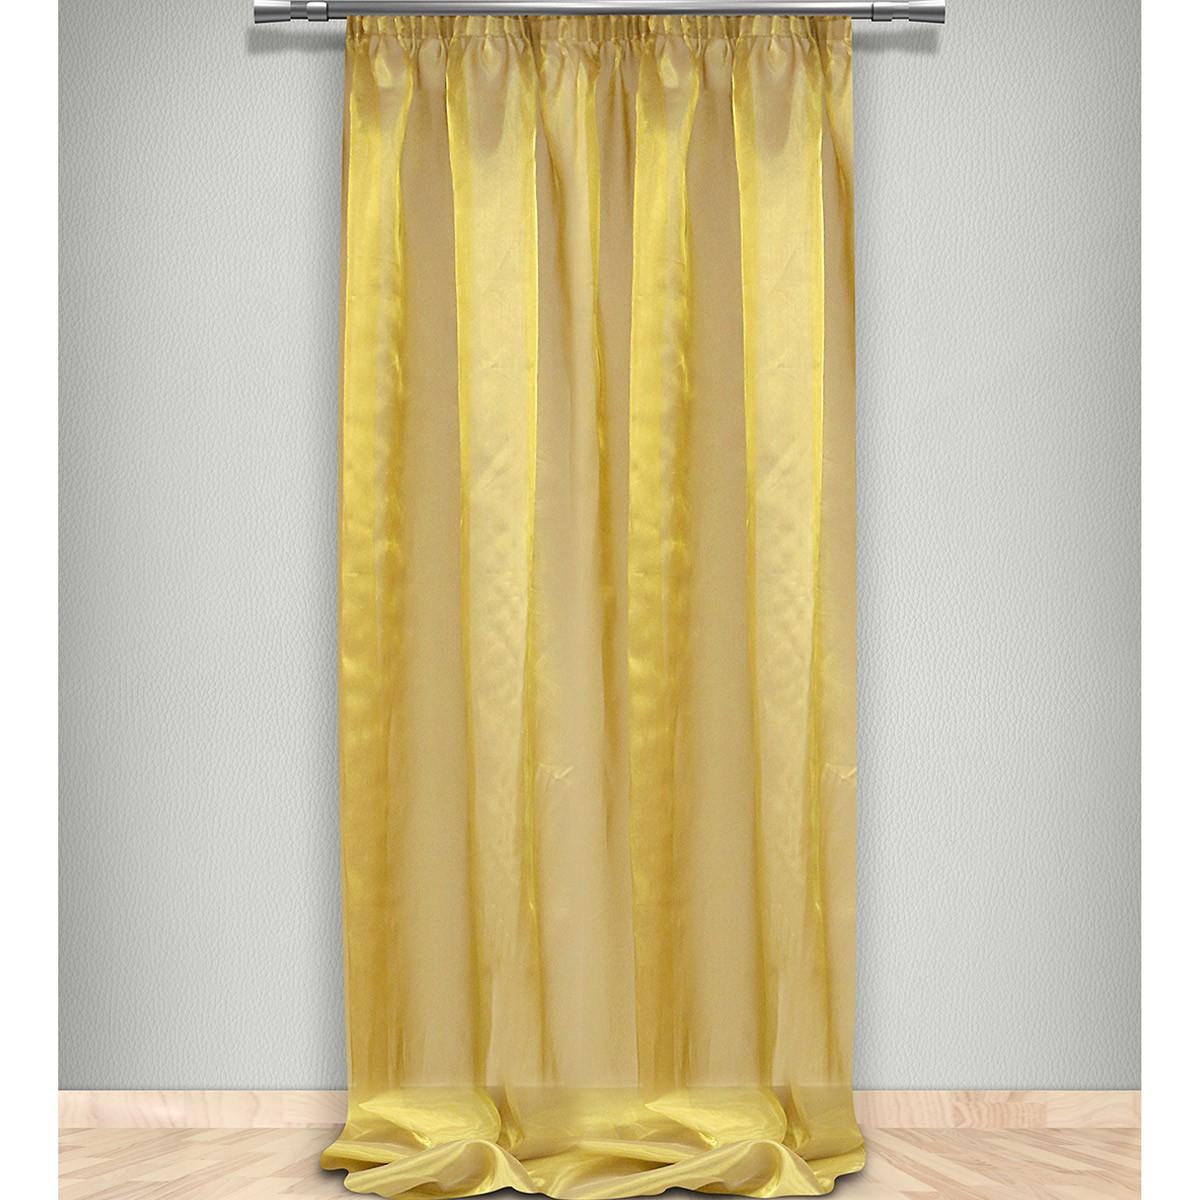 Κουρτίνα (145×320) Με Τρέσα Maison Blanche 7026211205